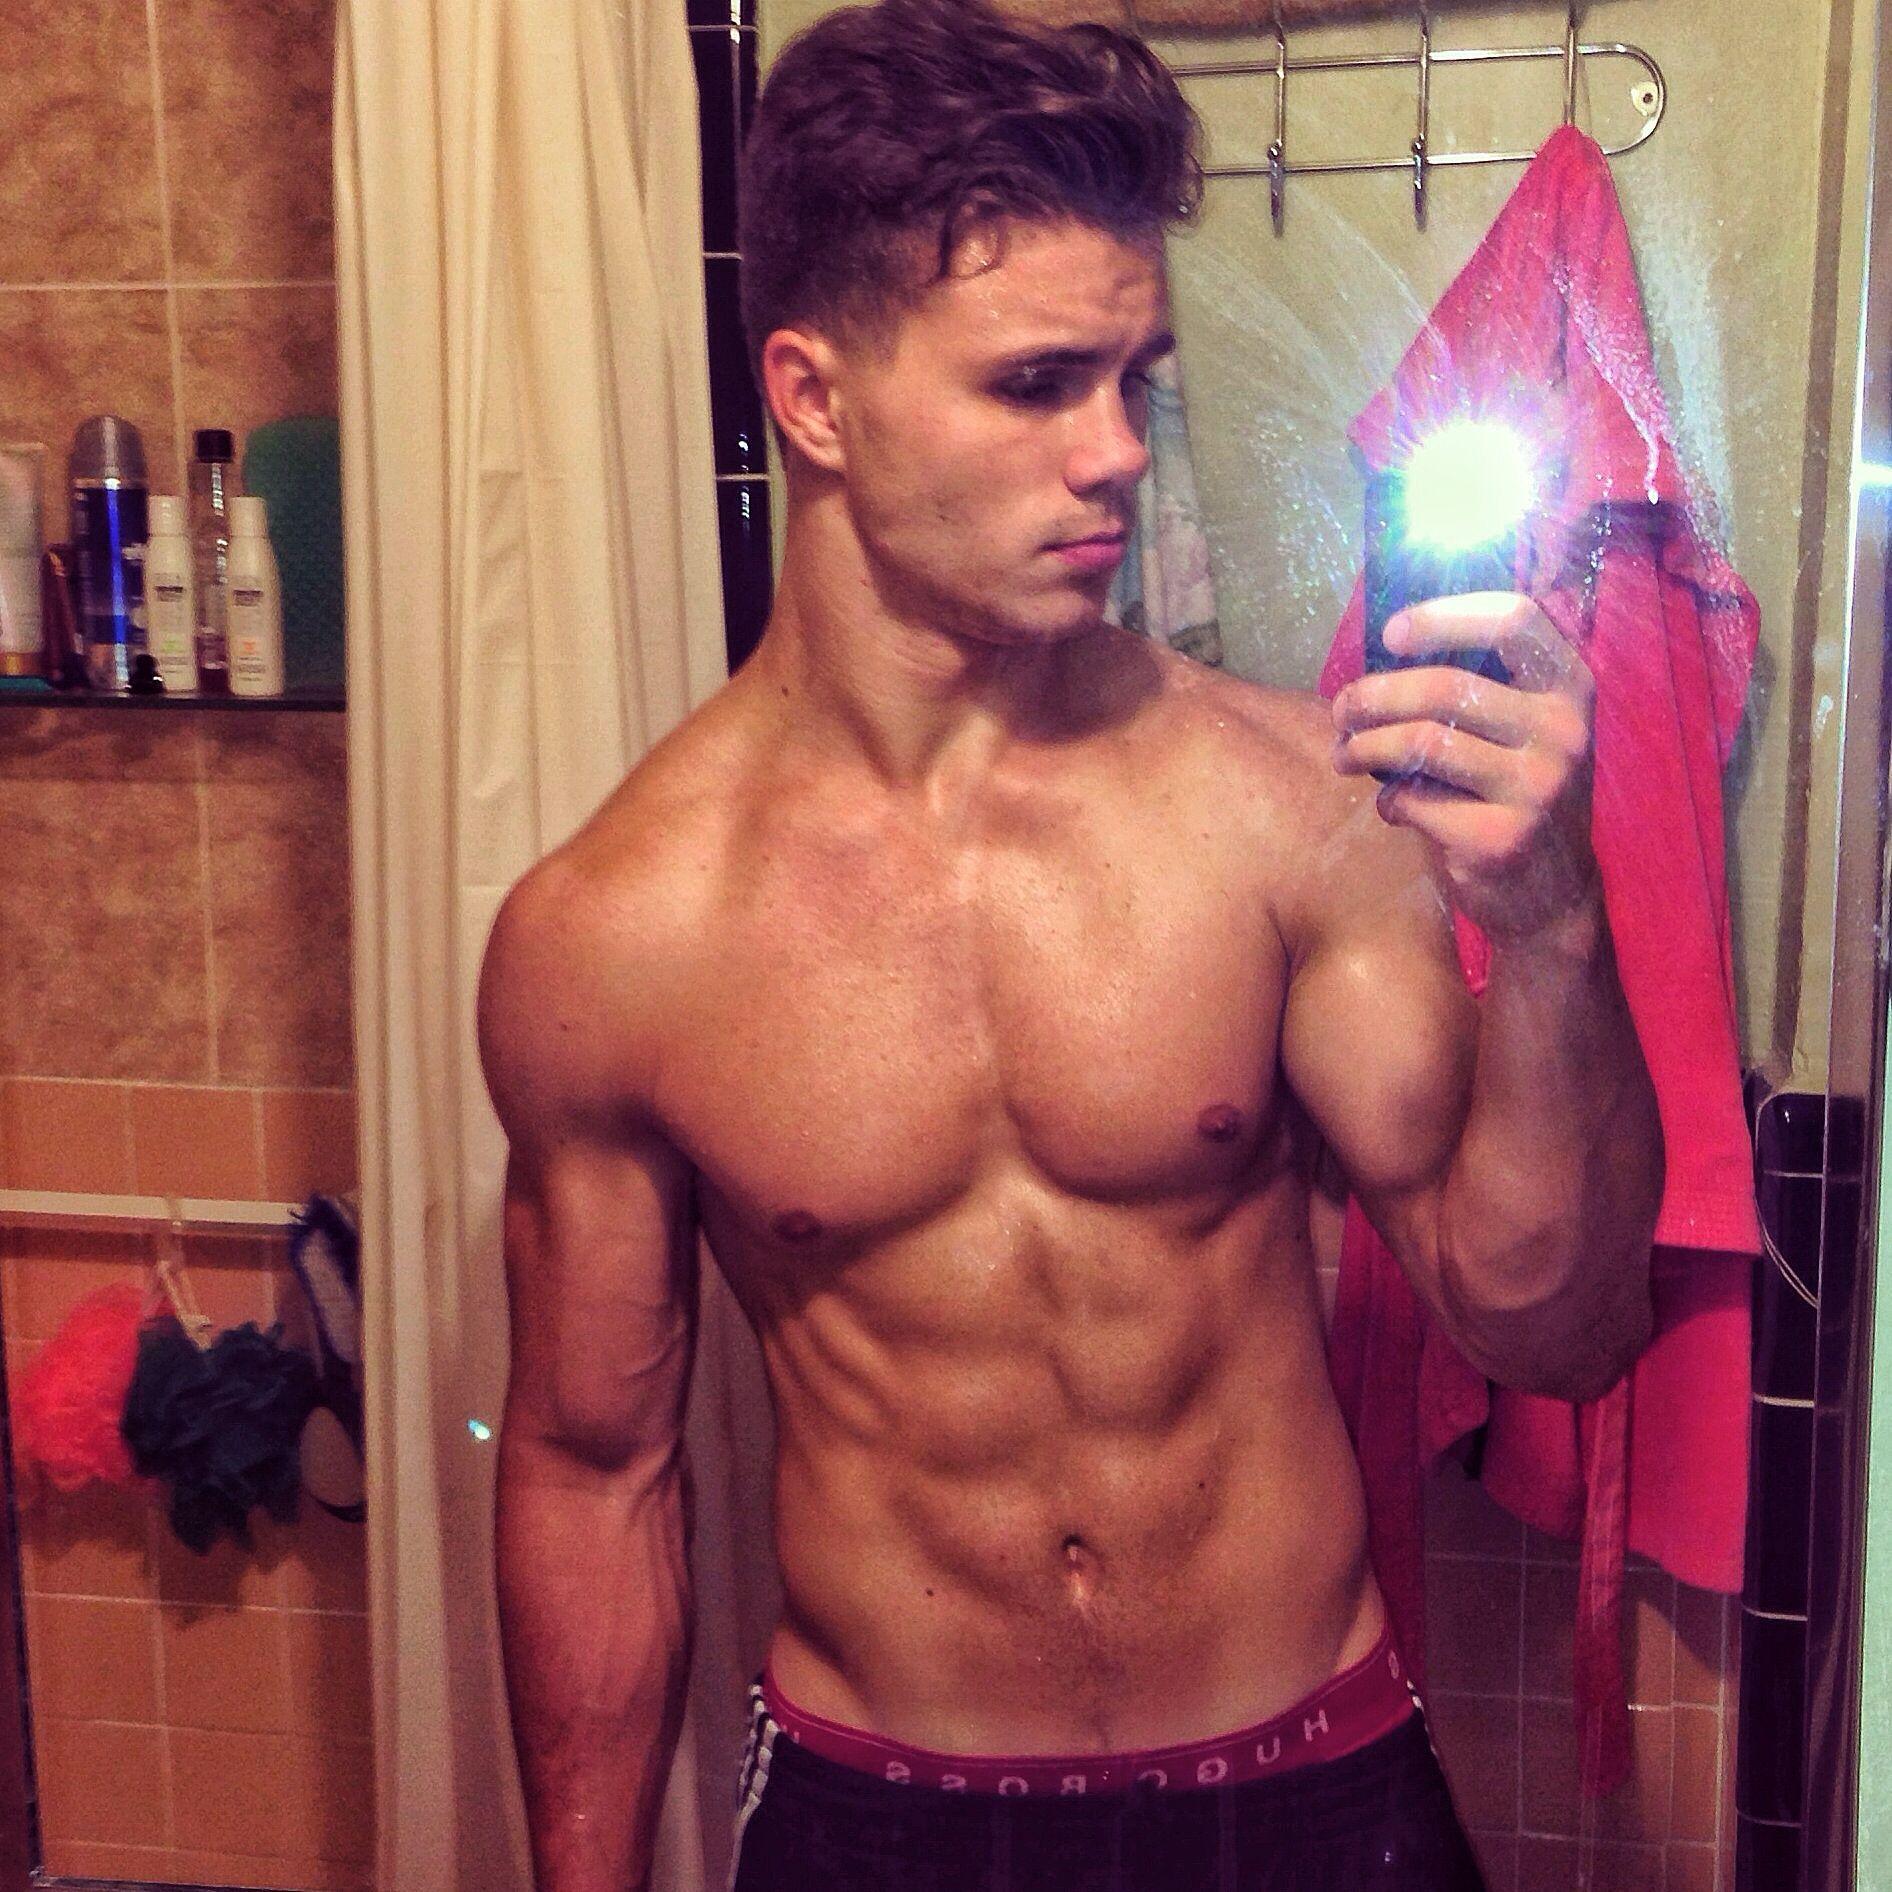 #Man #selfie #mirror #body #muscles #male | In the mirror  #Man #selfie #m...